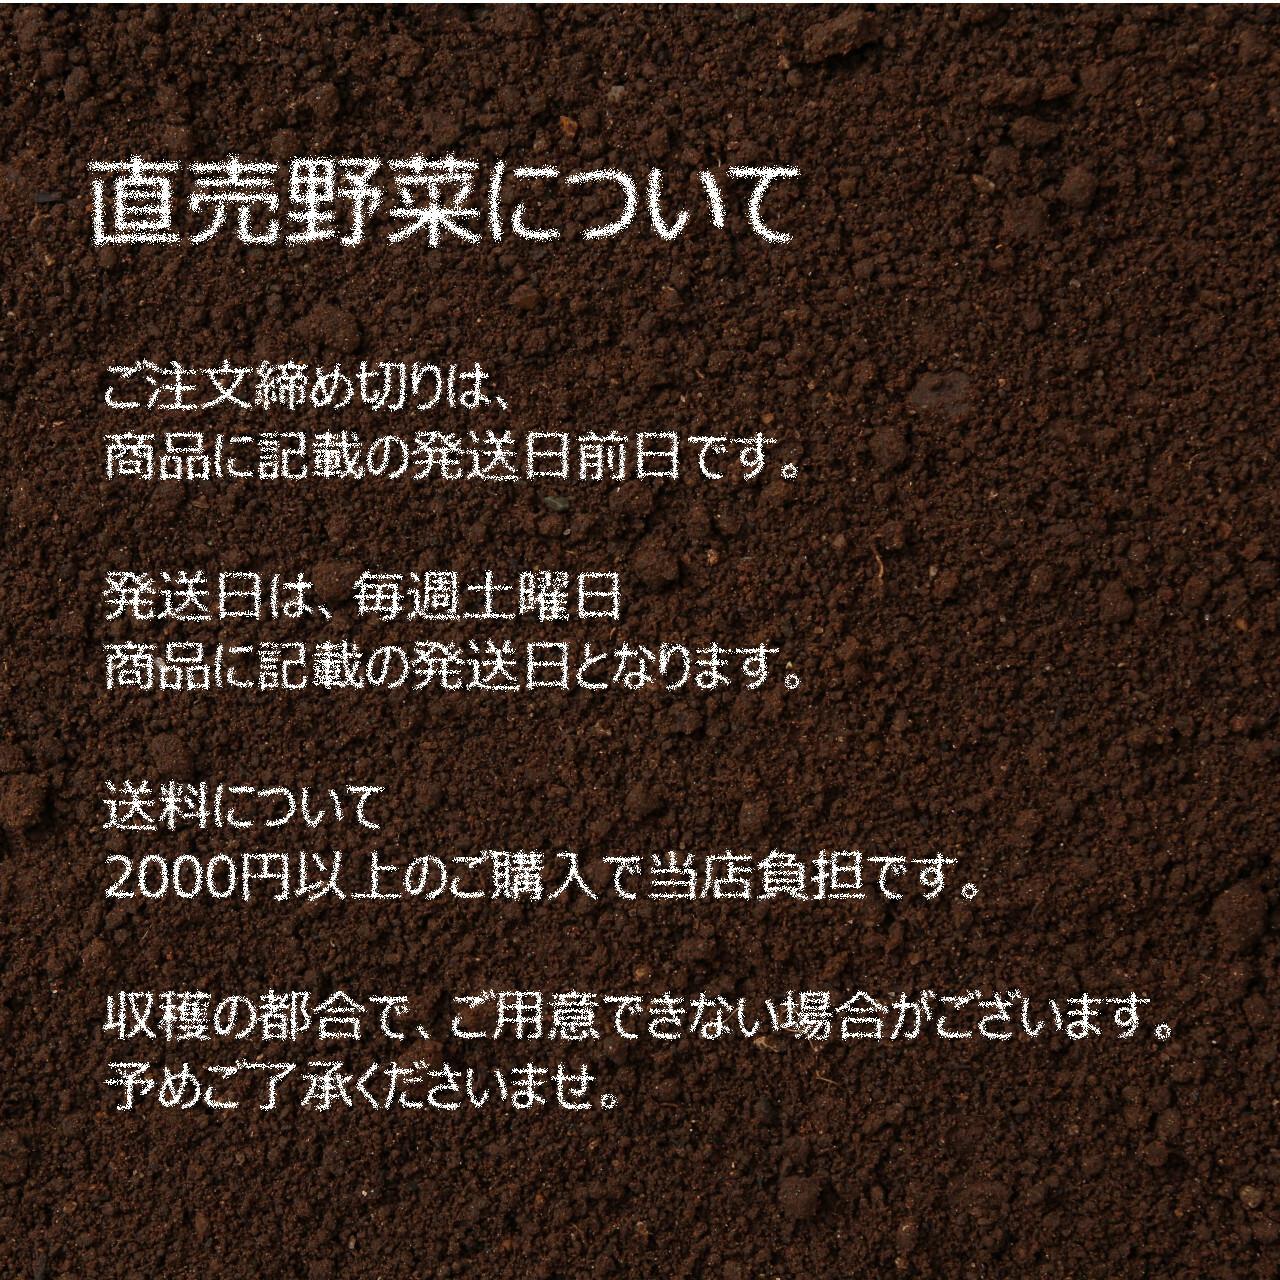 10月の朝採り直売野菜 : 春菊 約300g 新鮮な秋野菜 10月26日発送予定